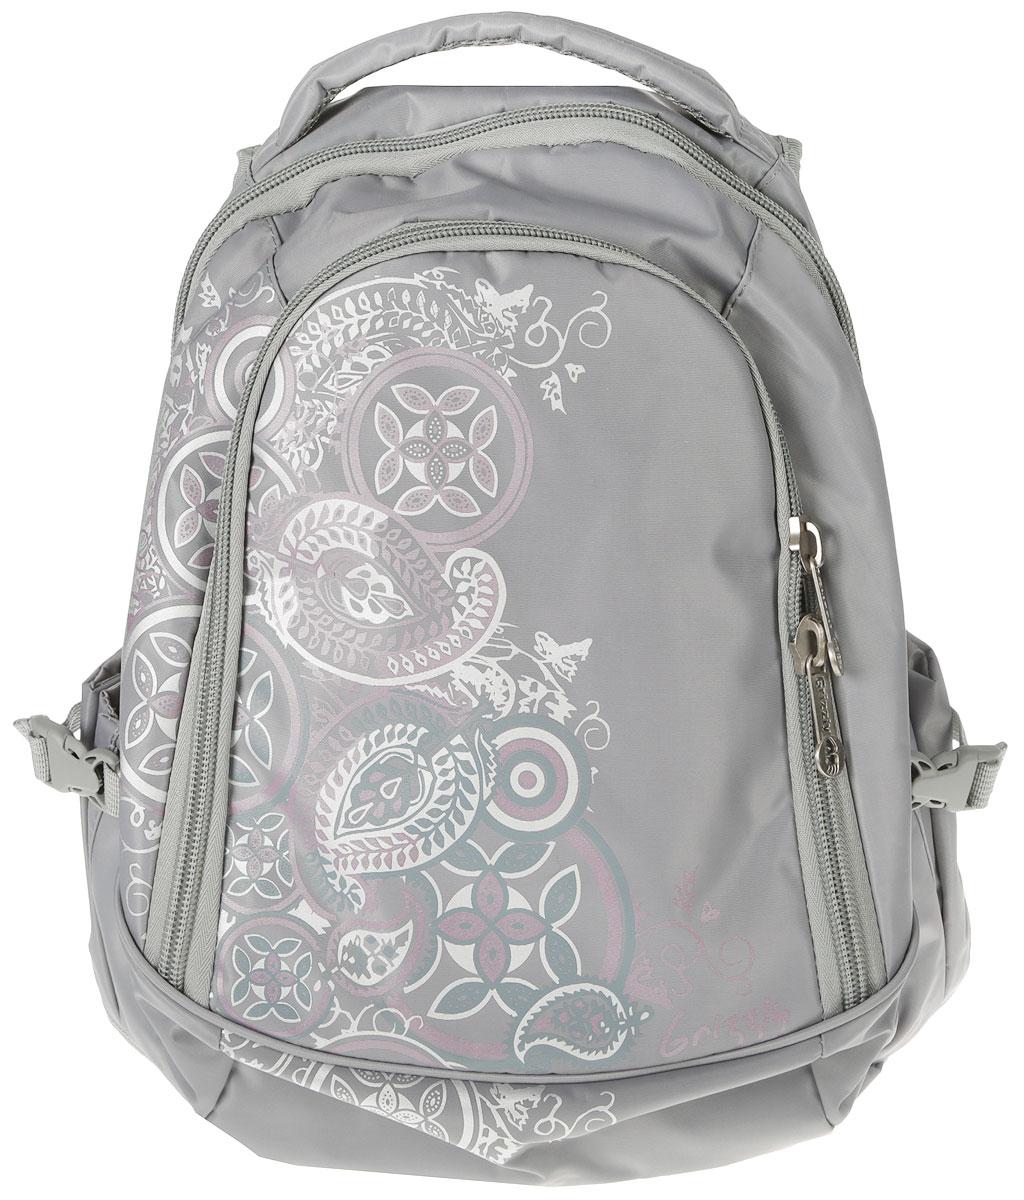 Рюкзак молодежный женский Grizzly, цвет: серый, сиреневый, белый, 14,5 л. RD-643-2/5RD-643-2/5_сиреневыйЖенский рюкзак Grizzly изготовлен из полиэстера и имеет два главных отделения, закрывающиеся на застежки-молнии, боковой карман, внутренний карман на молнии, внутренний карман-пенал для карандашей. Рюкзак с анатомической спинкой оснащен двумя широкими мягкими лямками регулируемой длины и удобной короткой ручкой.